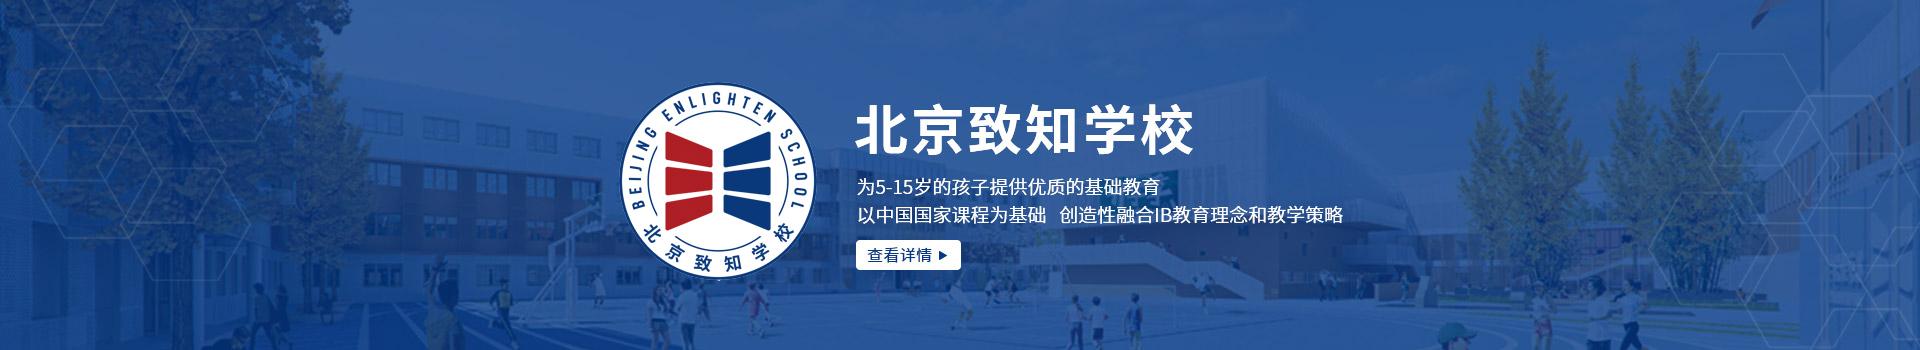 北京致知学校